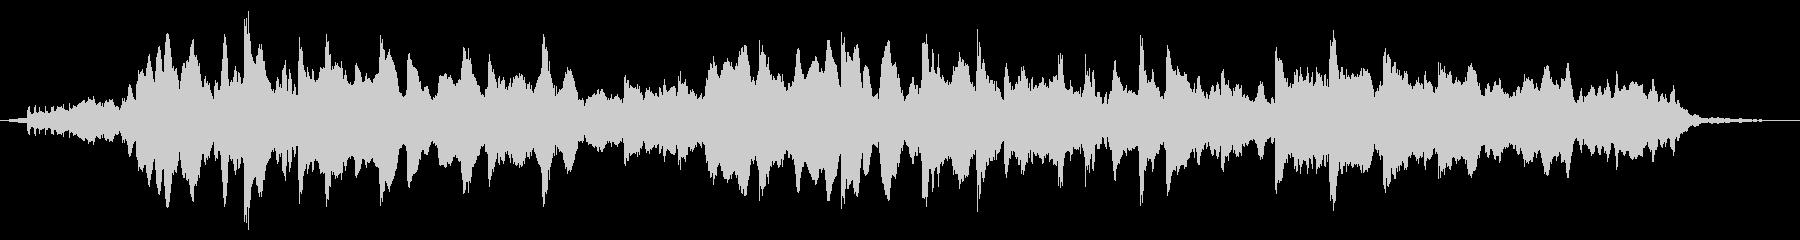 ピアノとストリングスによる癒し系BGMの未再生の波形